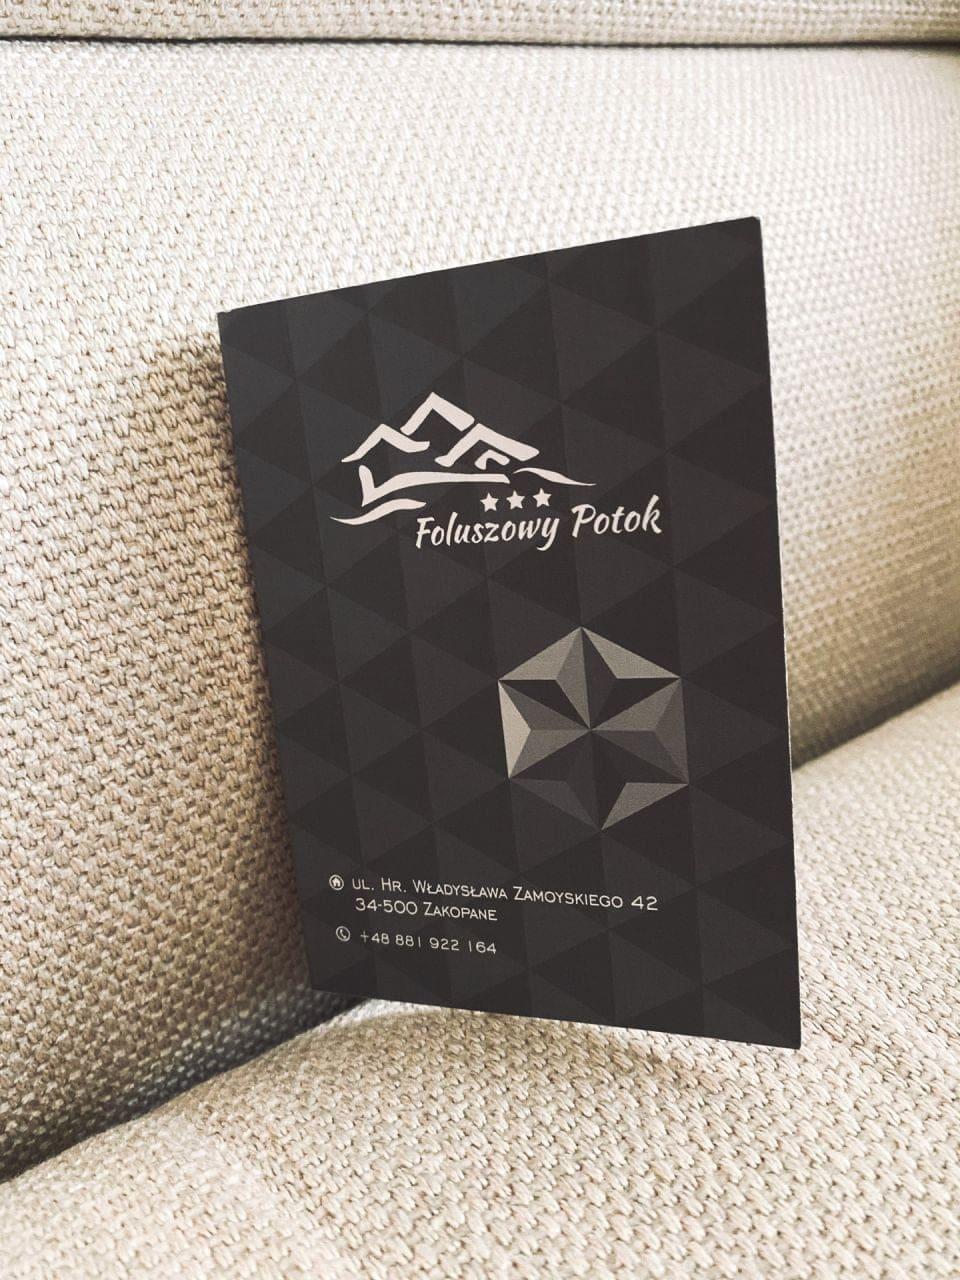 wizytówki z logo Foluszowy Potok